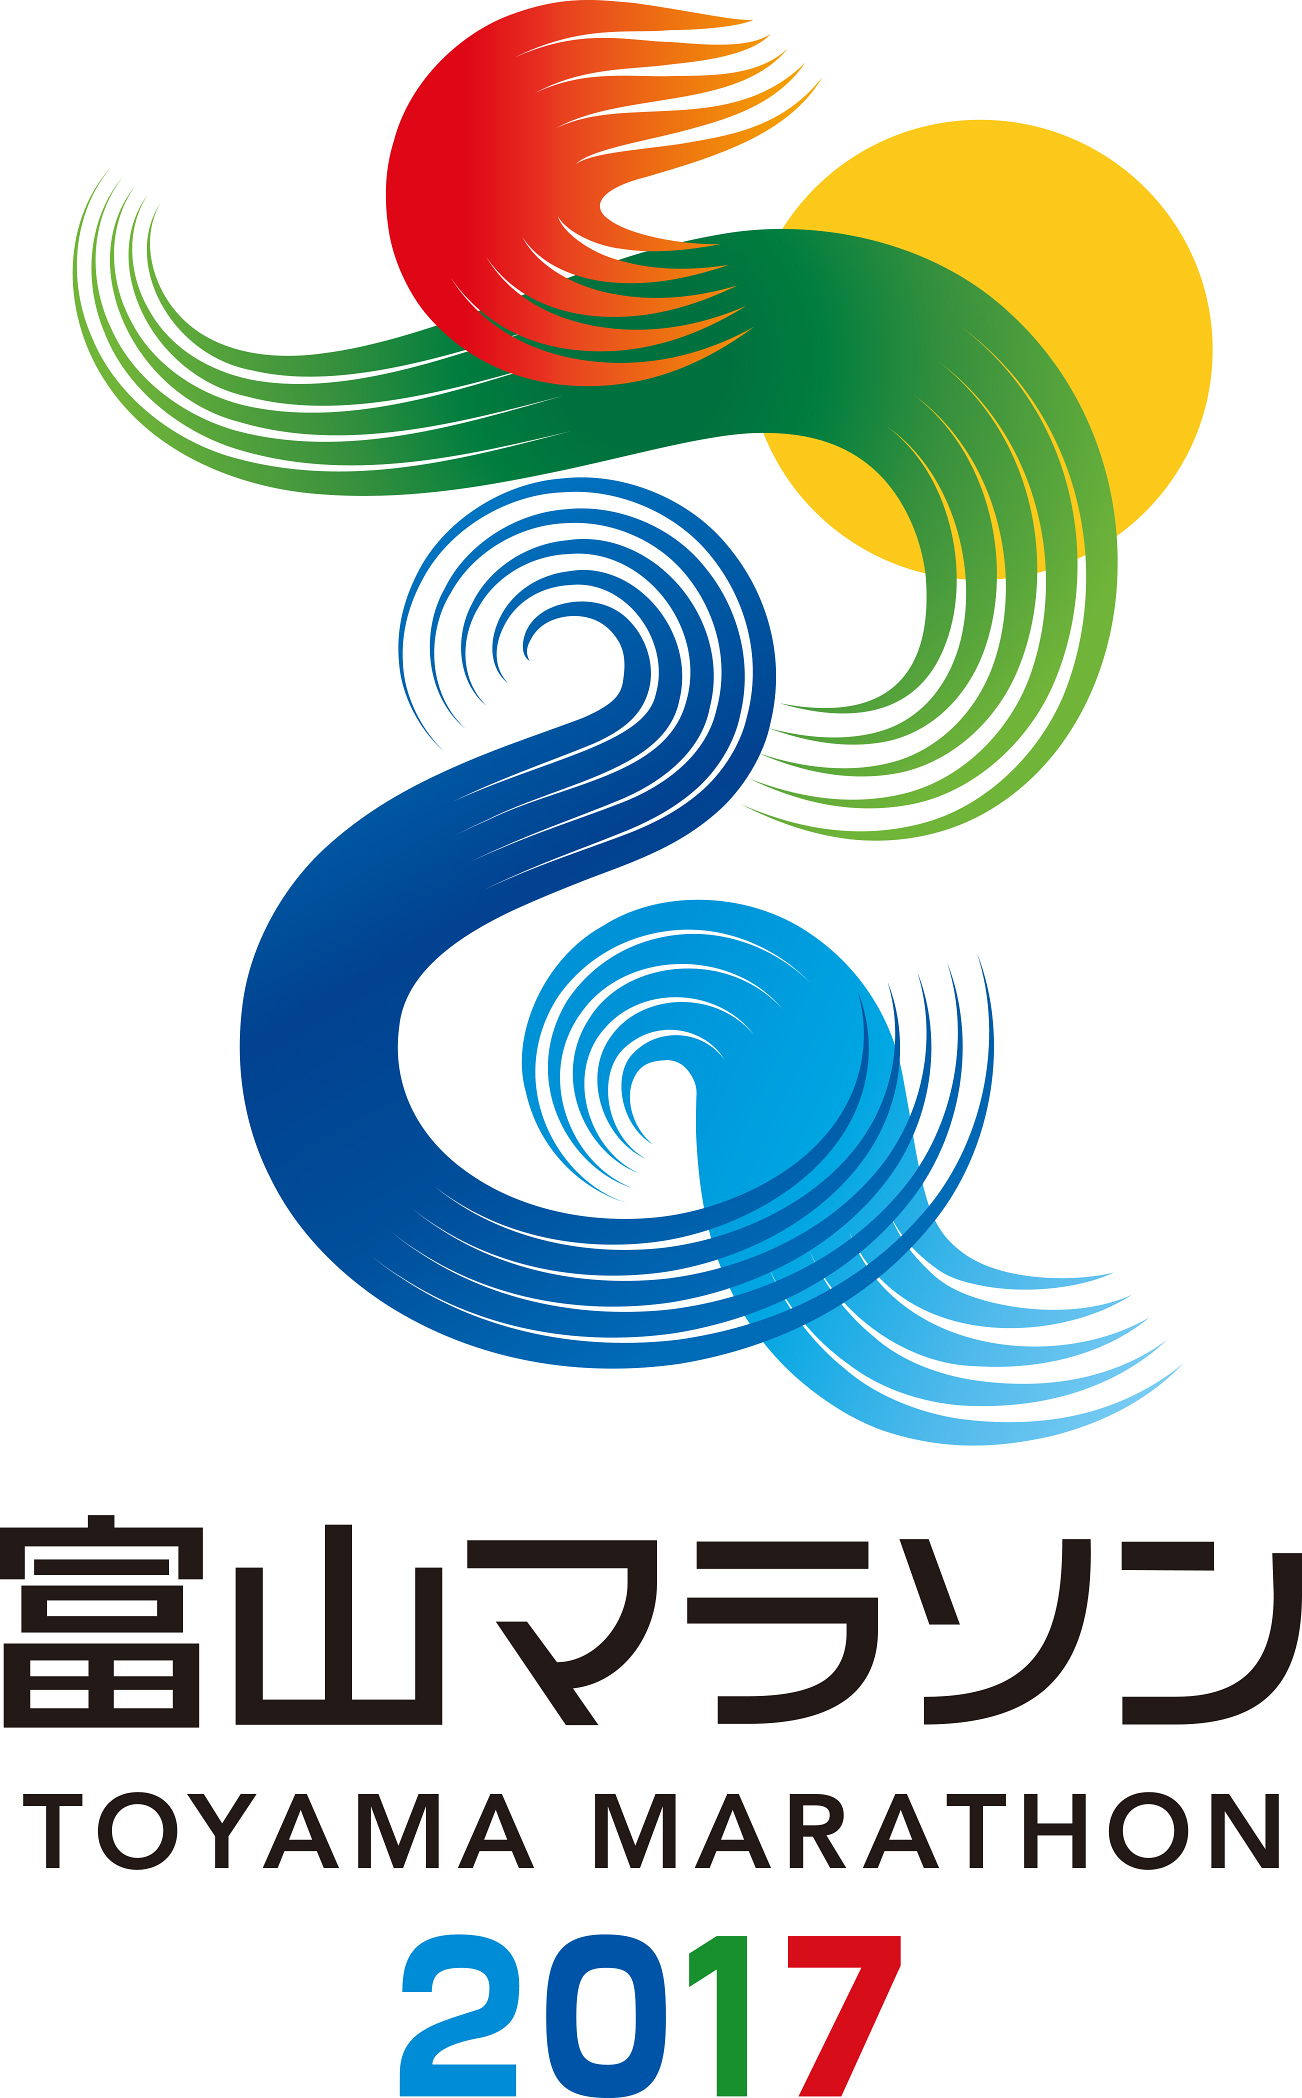 「富山マラソン」のロゴマーク